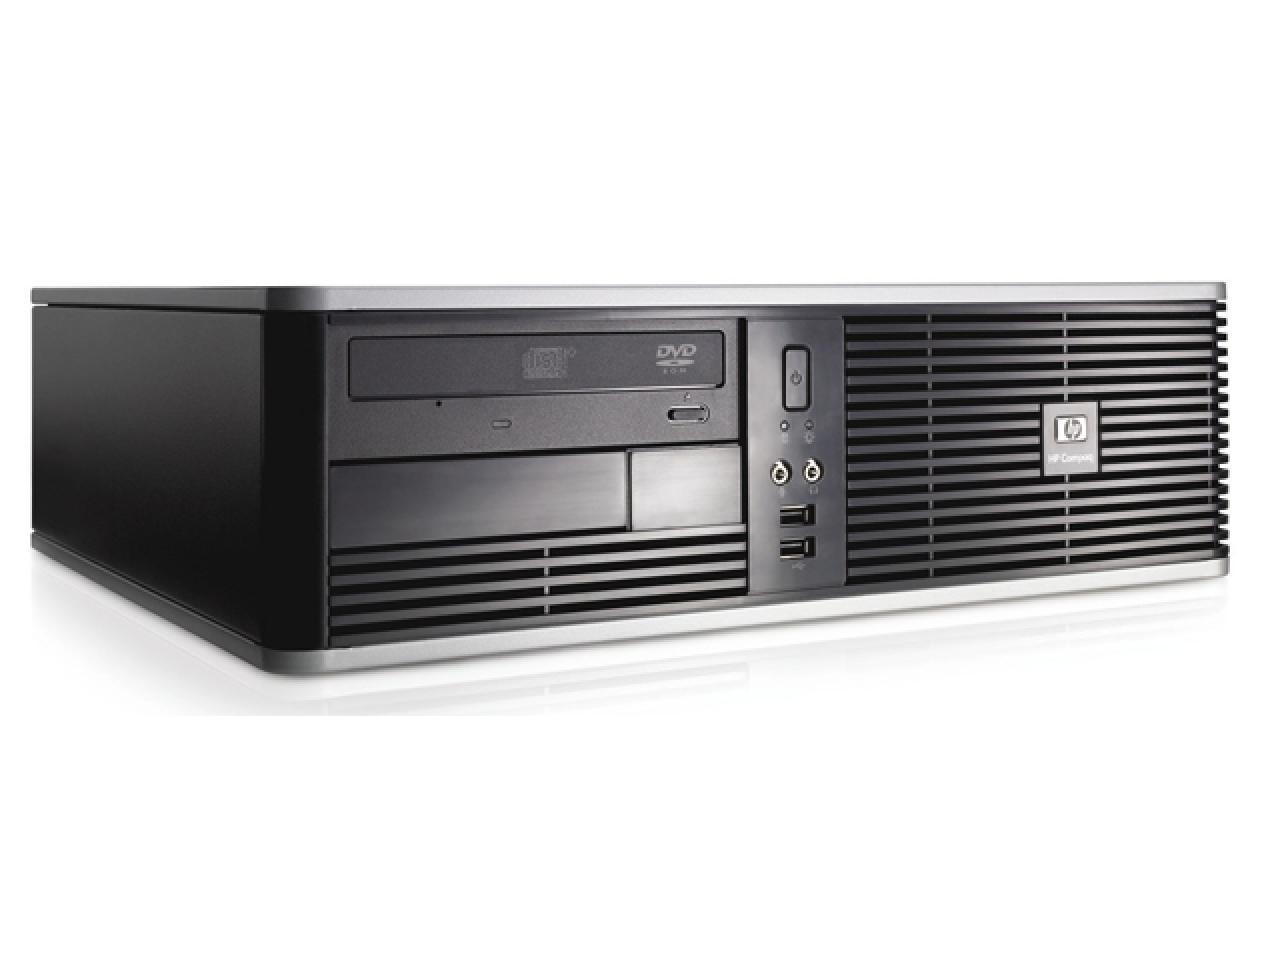 Hewlett Packard DC7800p SFF  - shop.bb-net.de